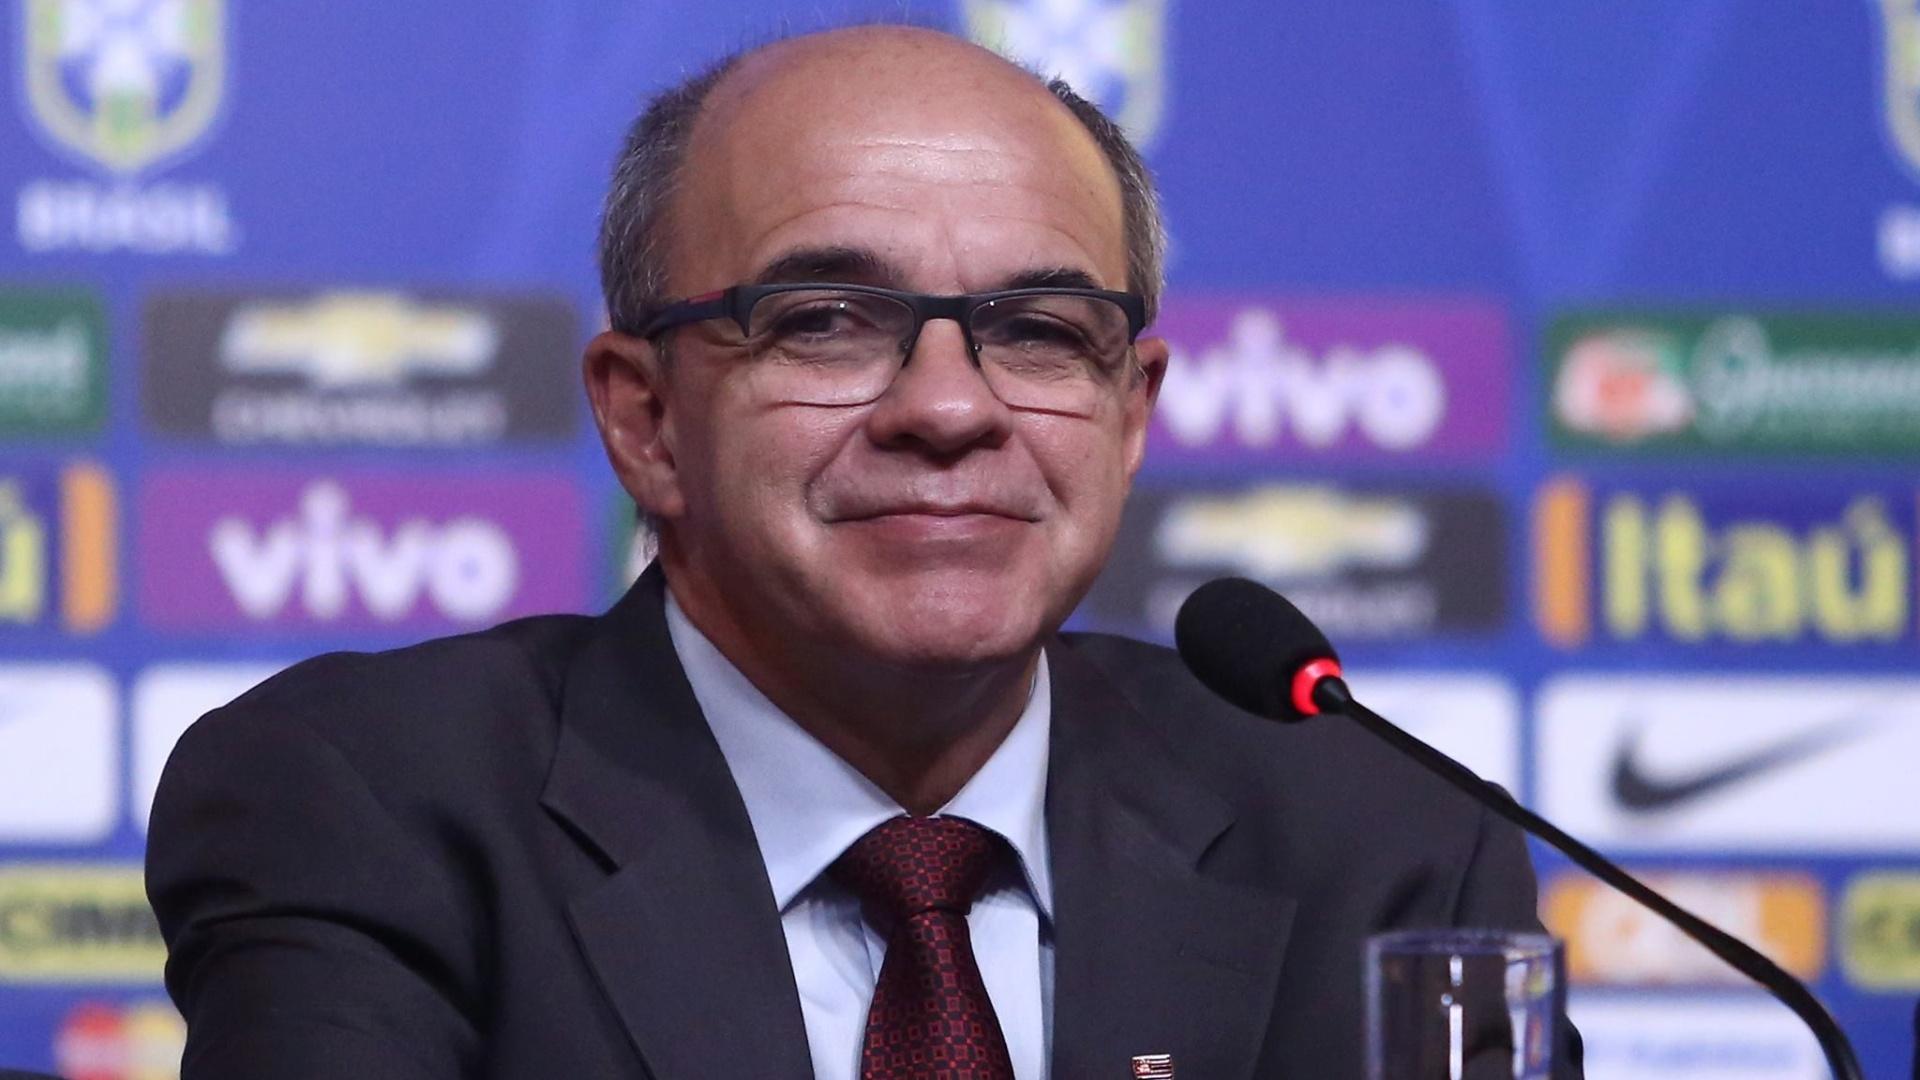 Presidente do Flamengo, Eduardo Bandeira de Mello dá entrevista na CBF. Ele será chefe de delegação durante a Copa América nos Estados Unidos